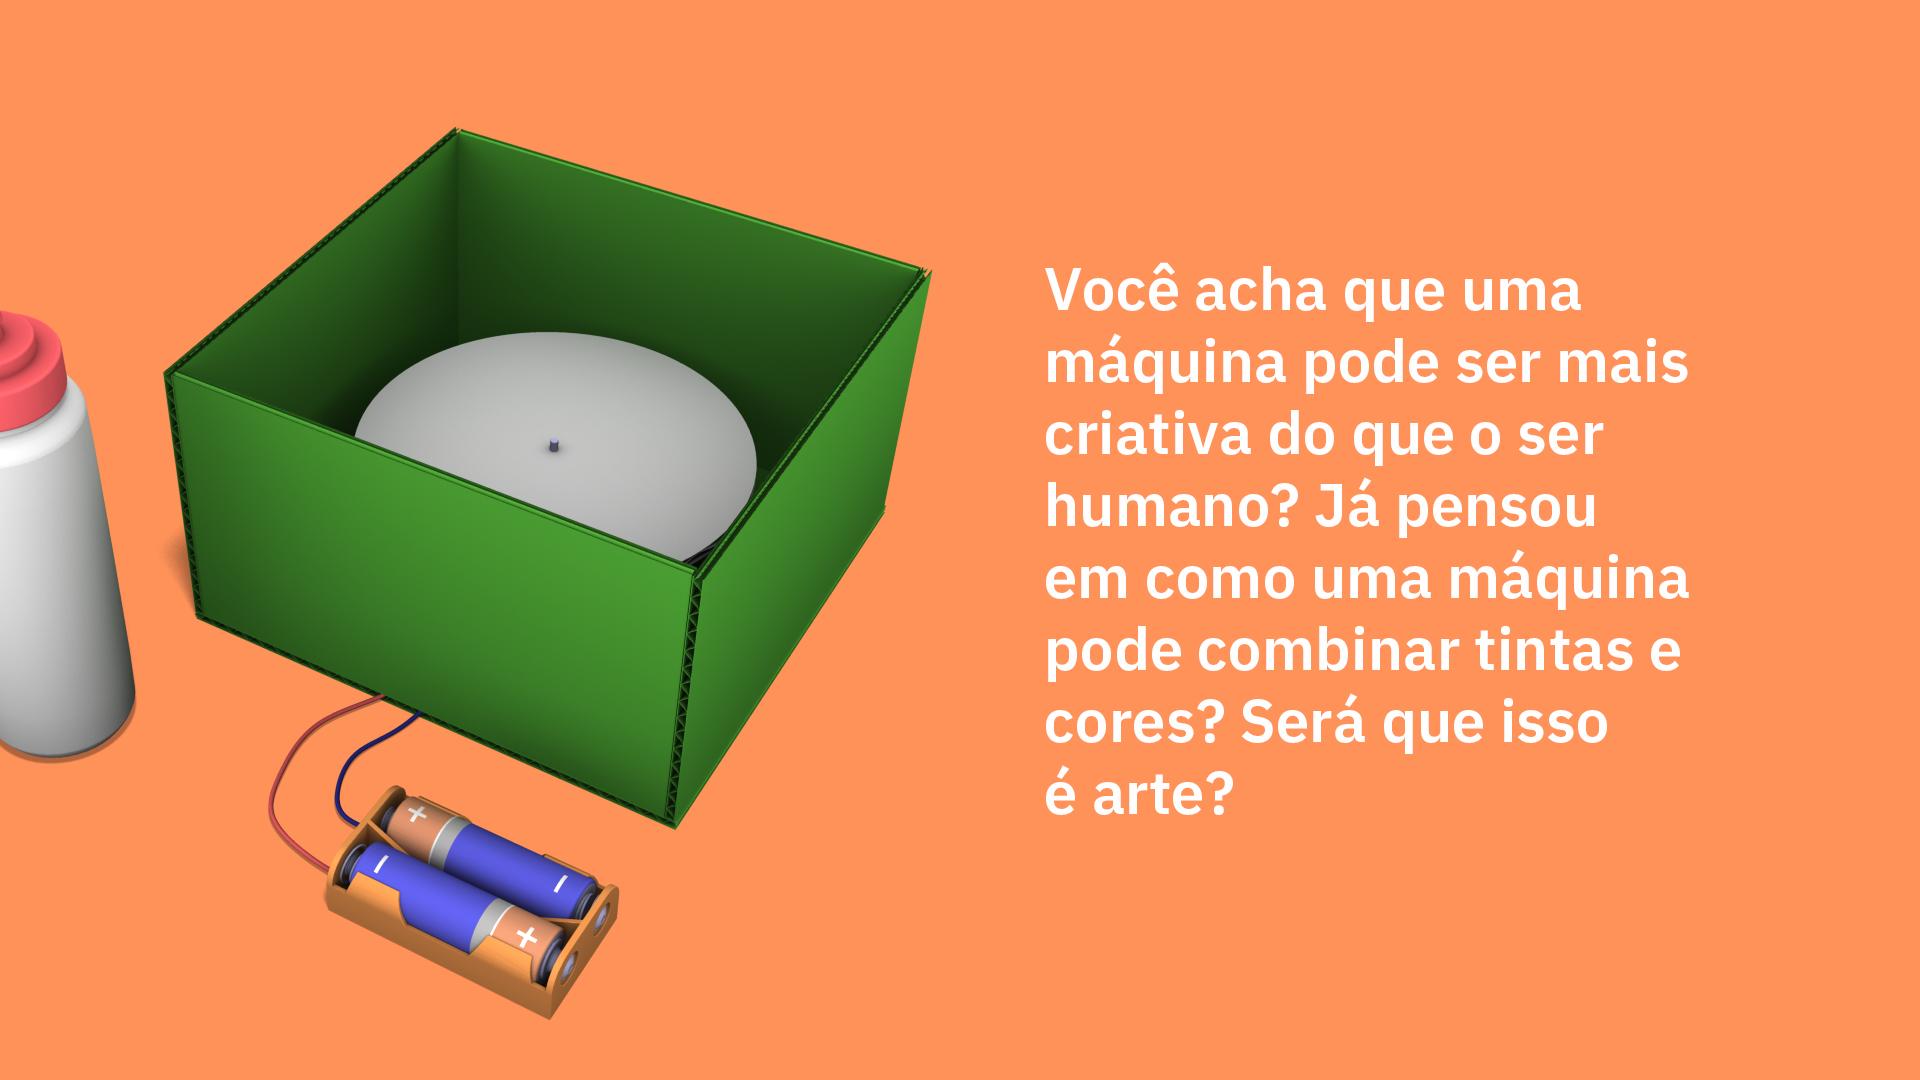 Imagem Desafio